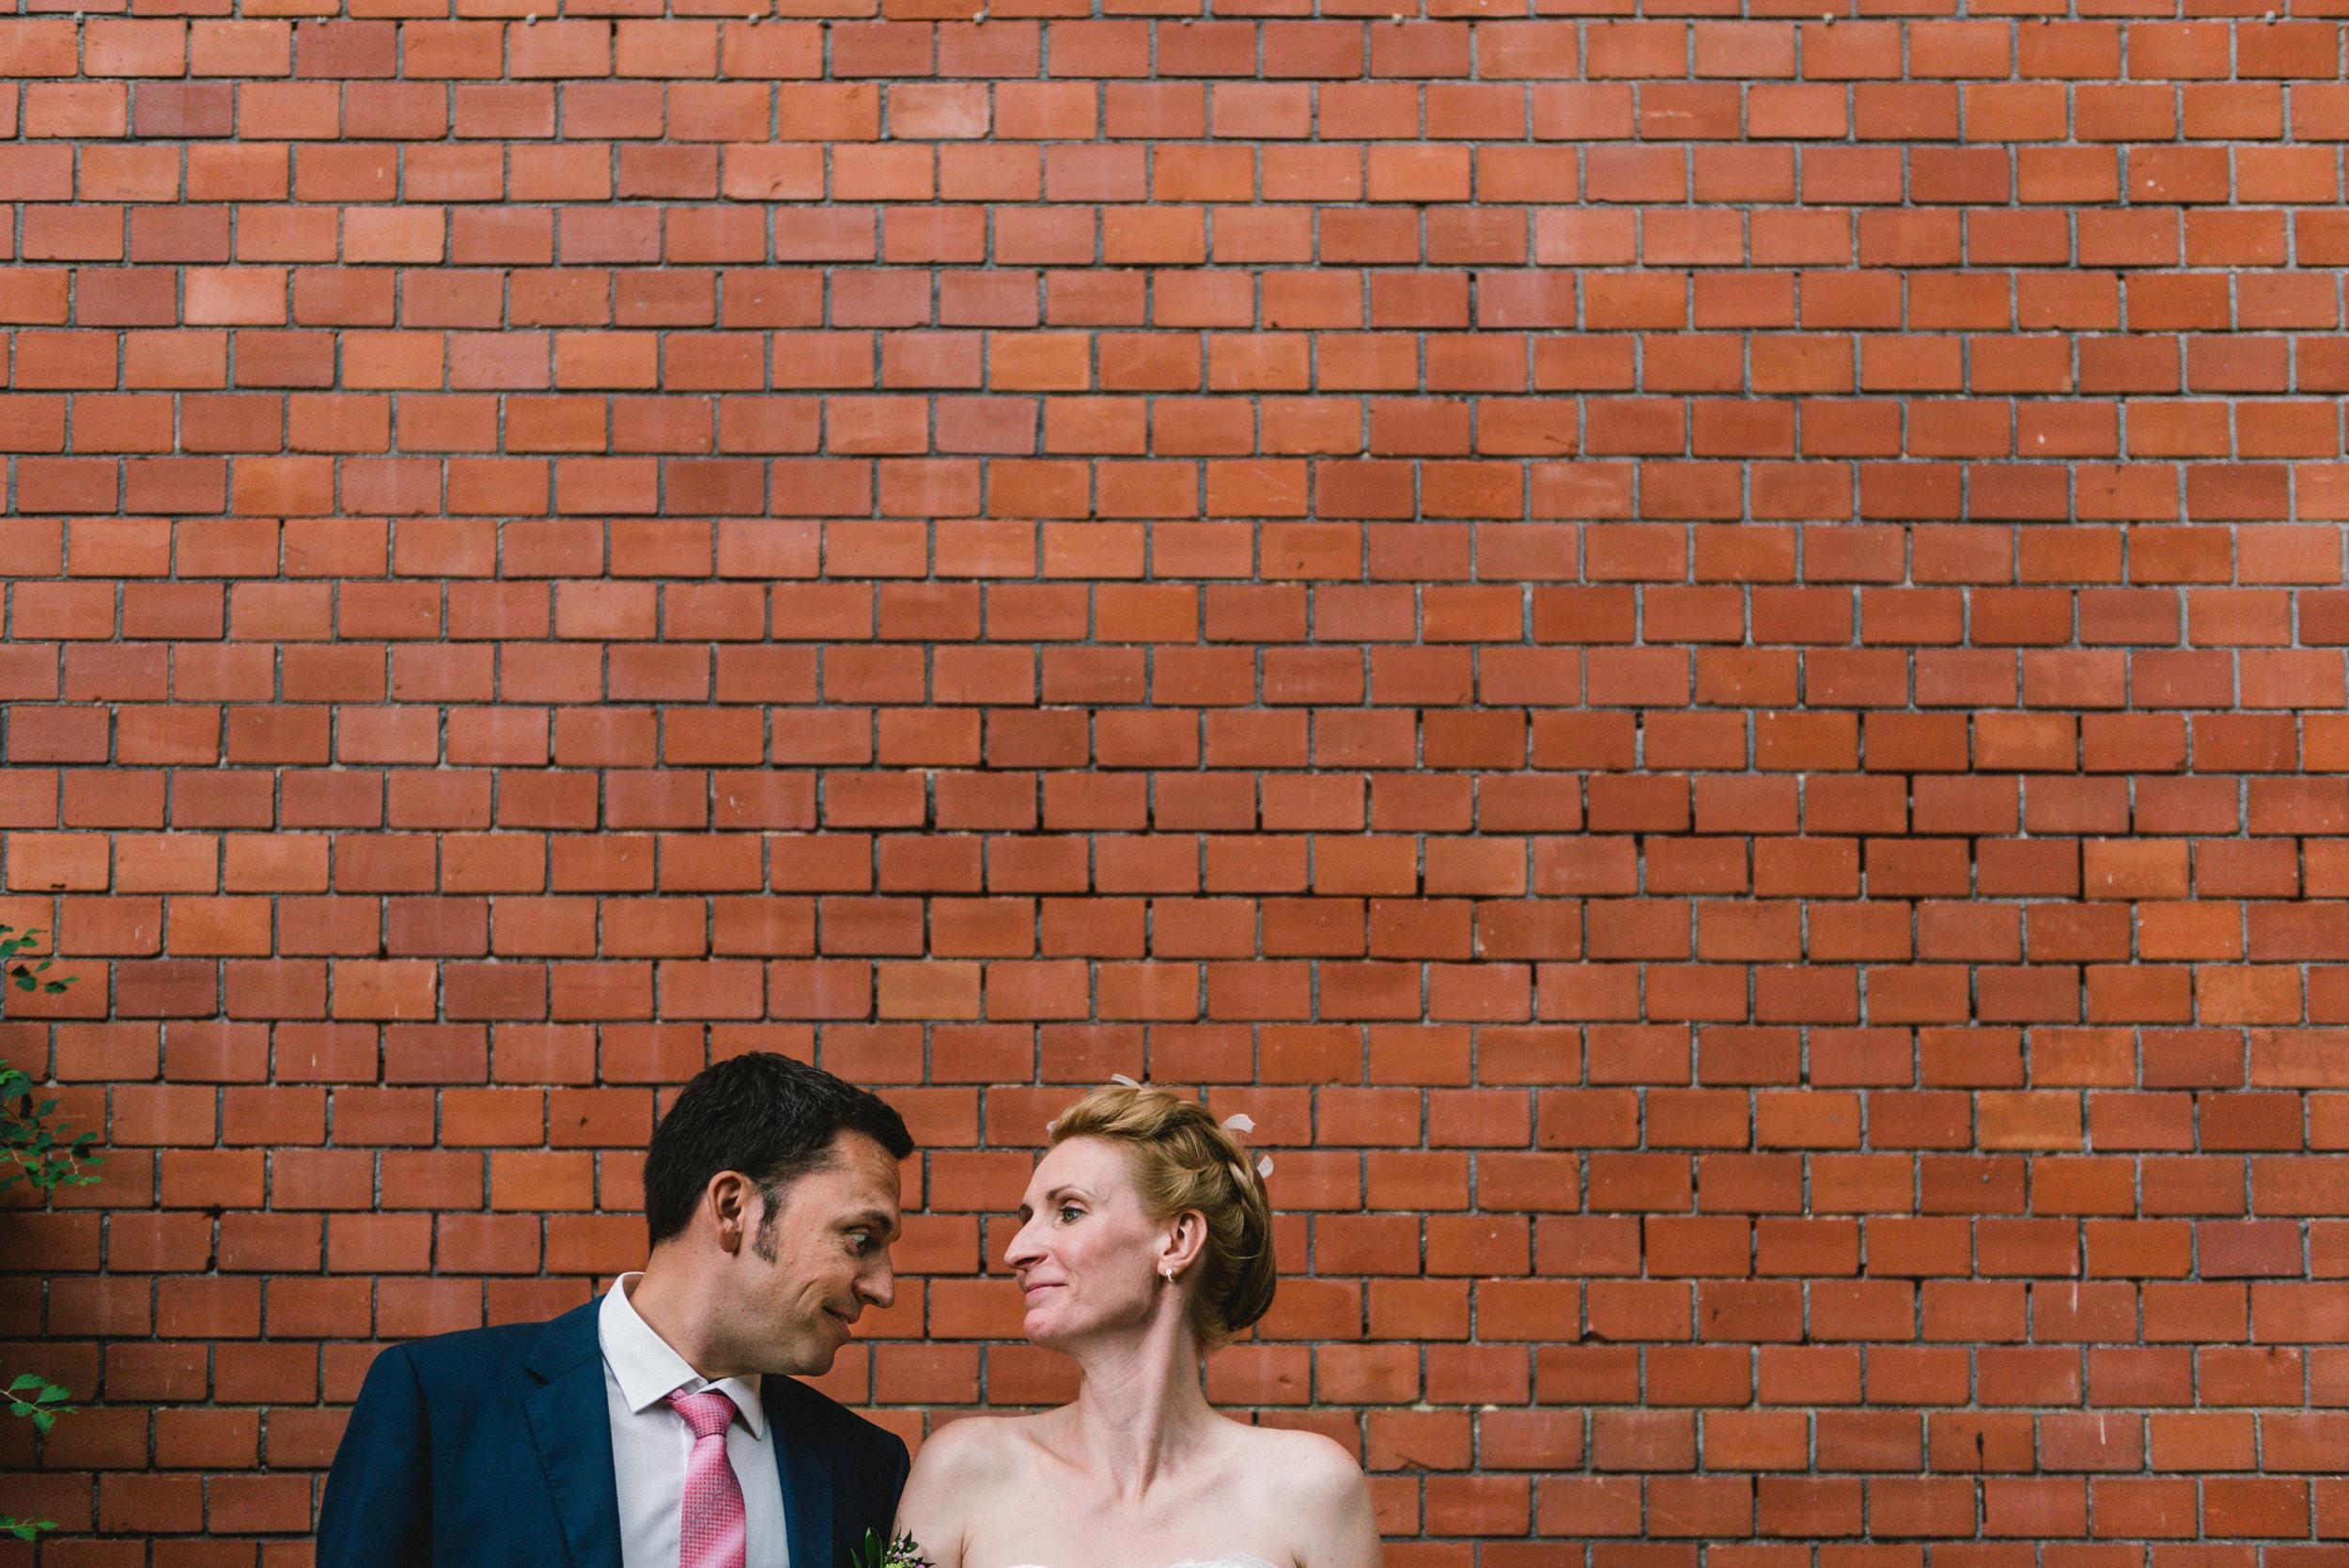 Paul_Glaser_Hochzeitsfotograf-38